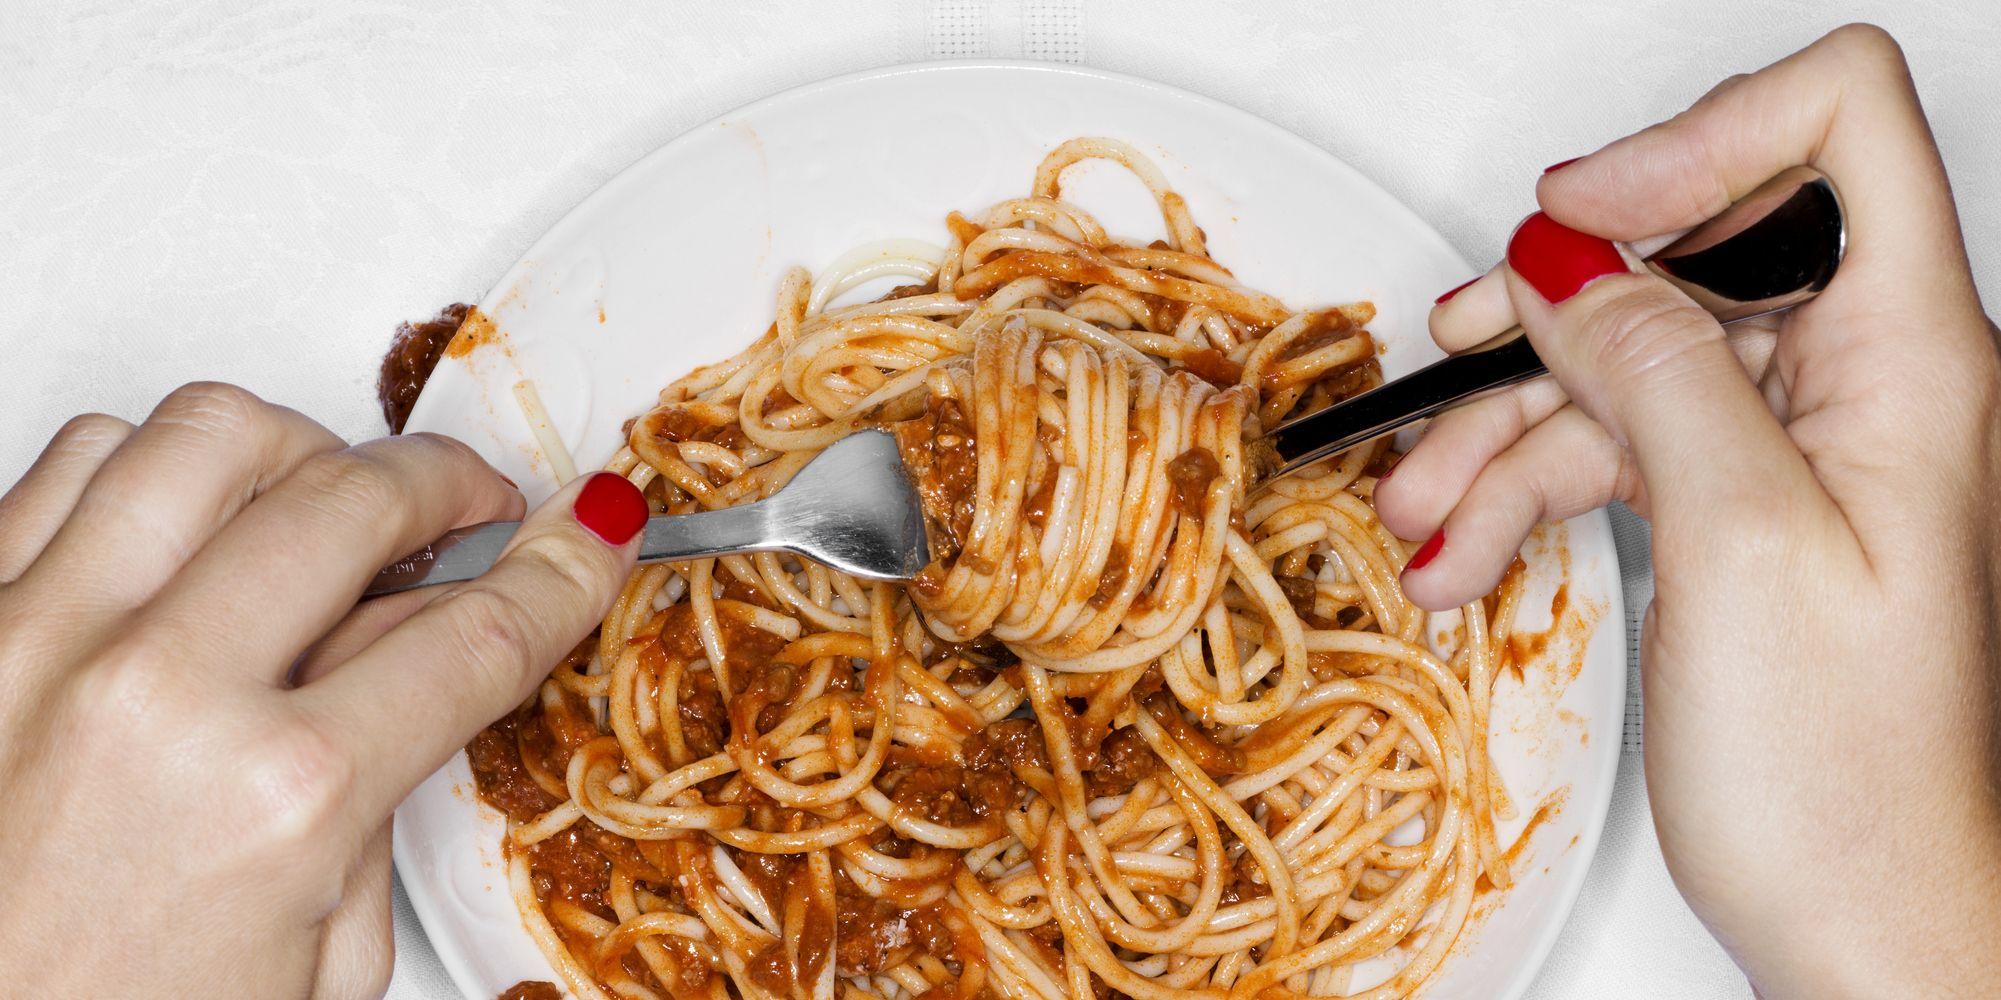 pasta, carbs, spaghetti